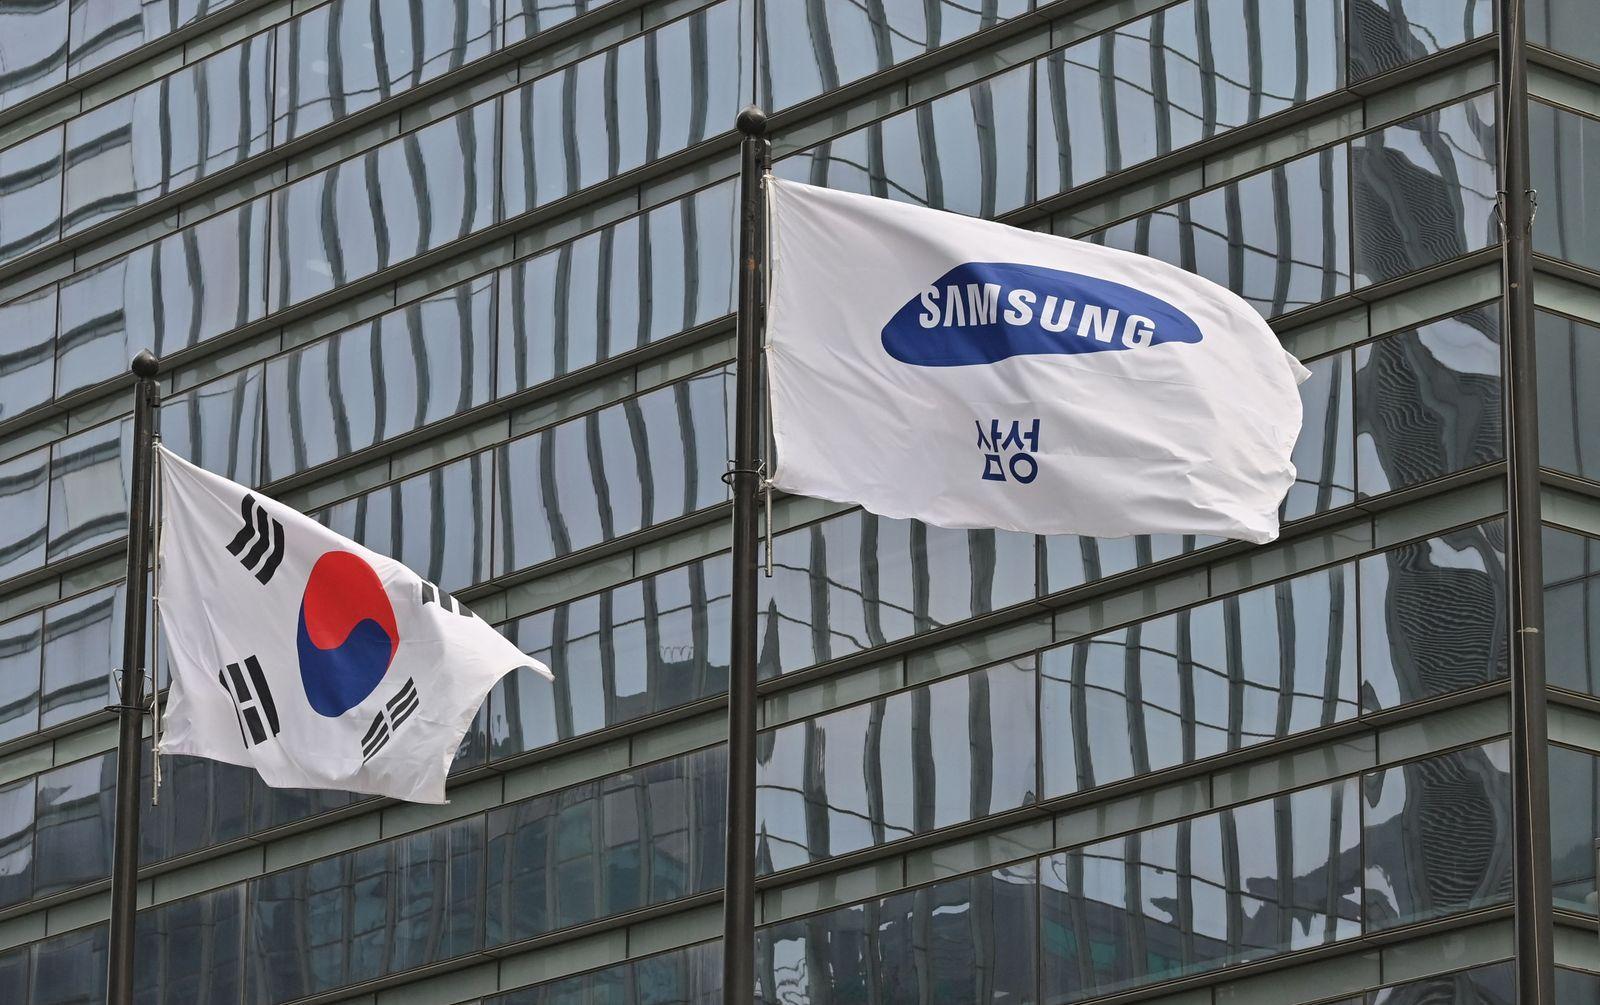 SKorea-Samsung-taxation